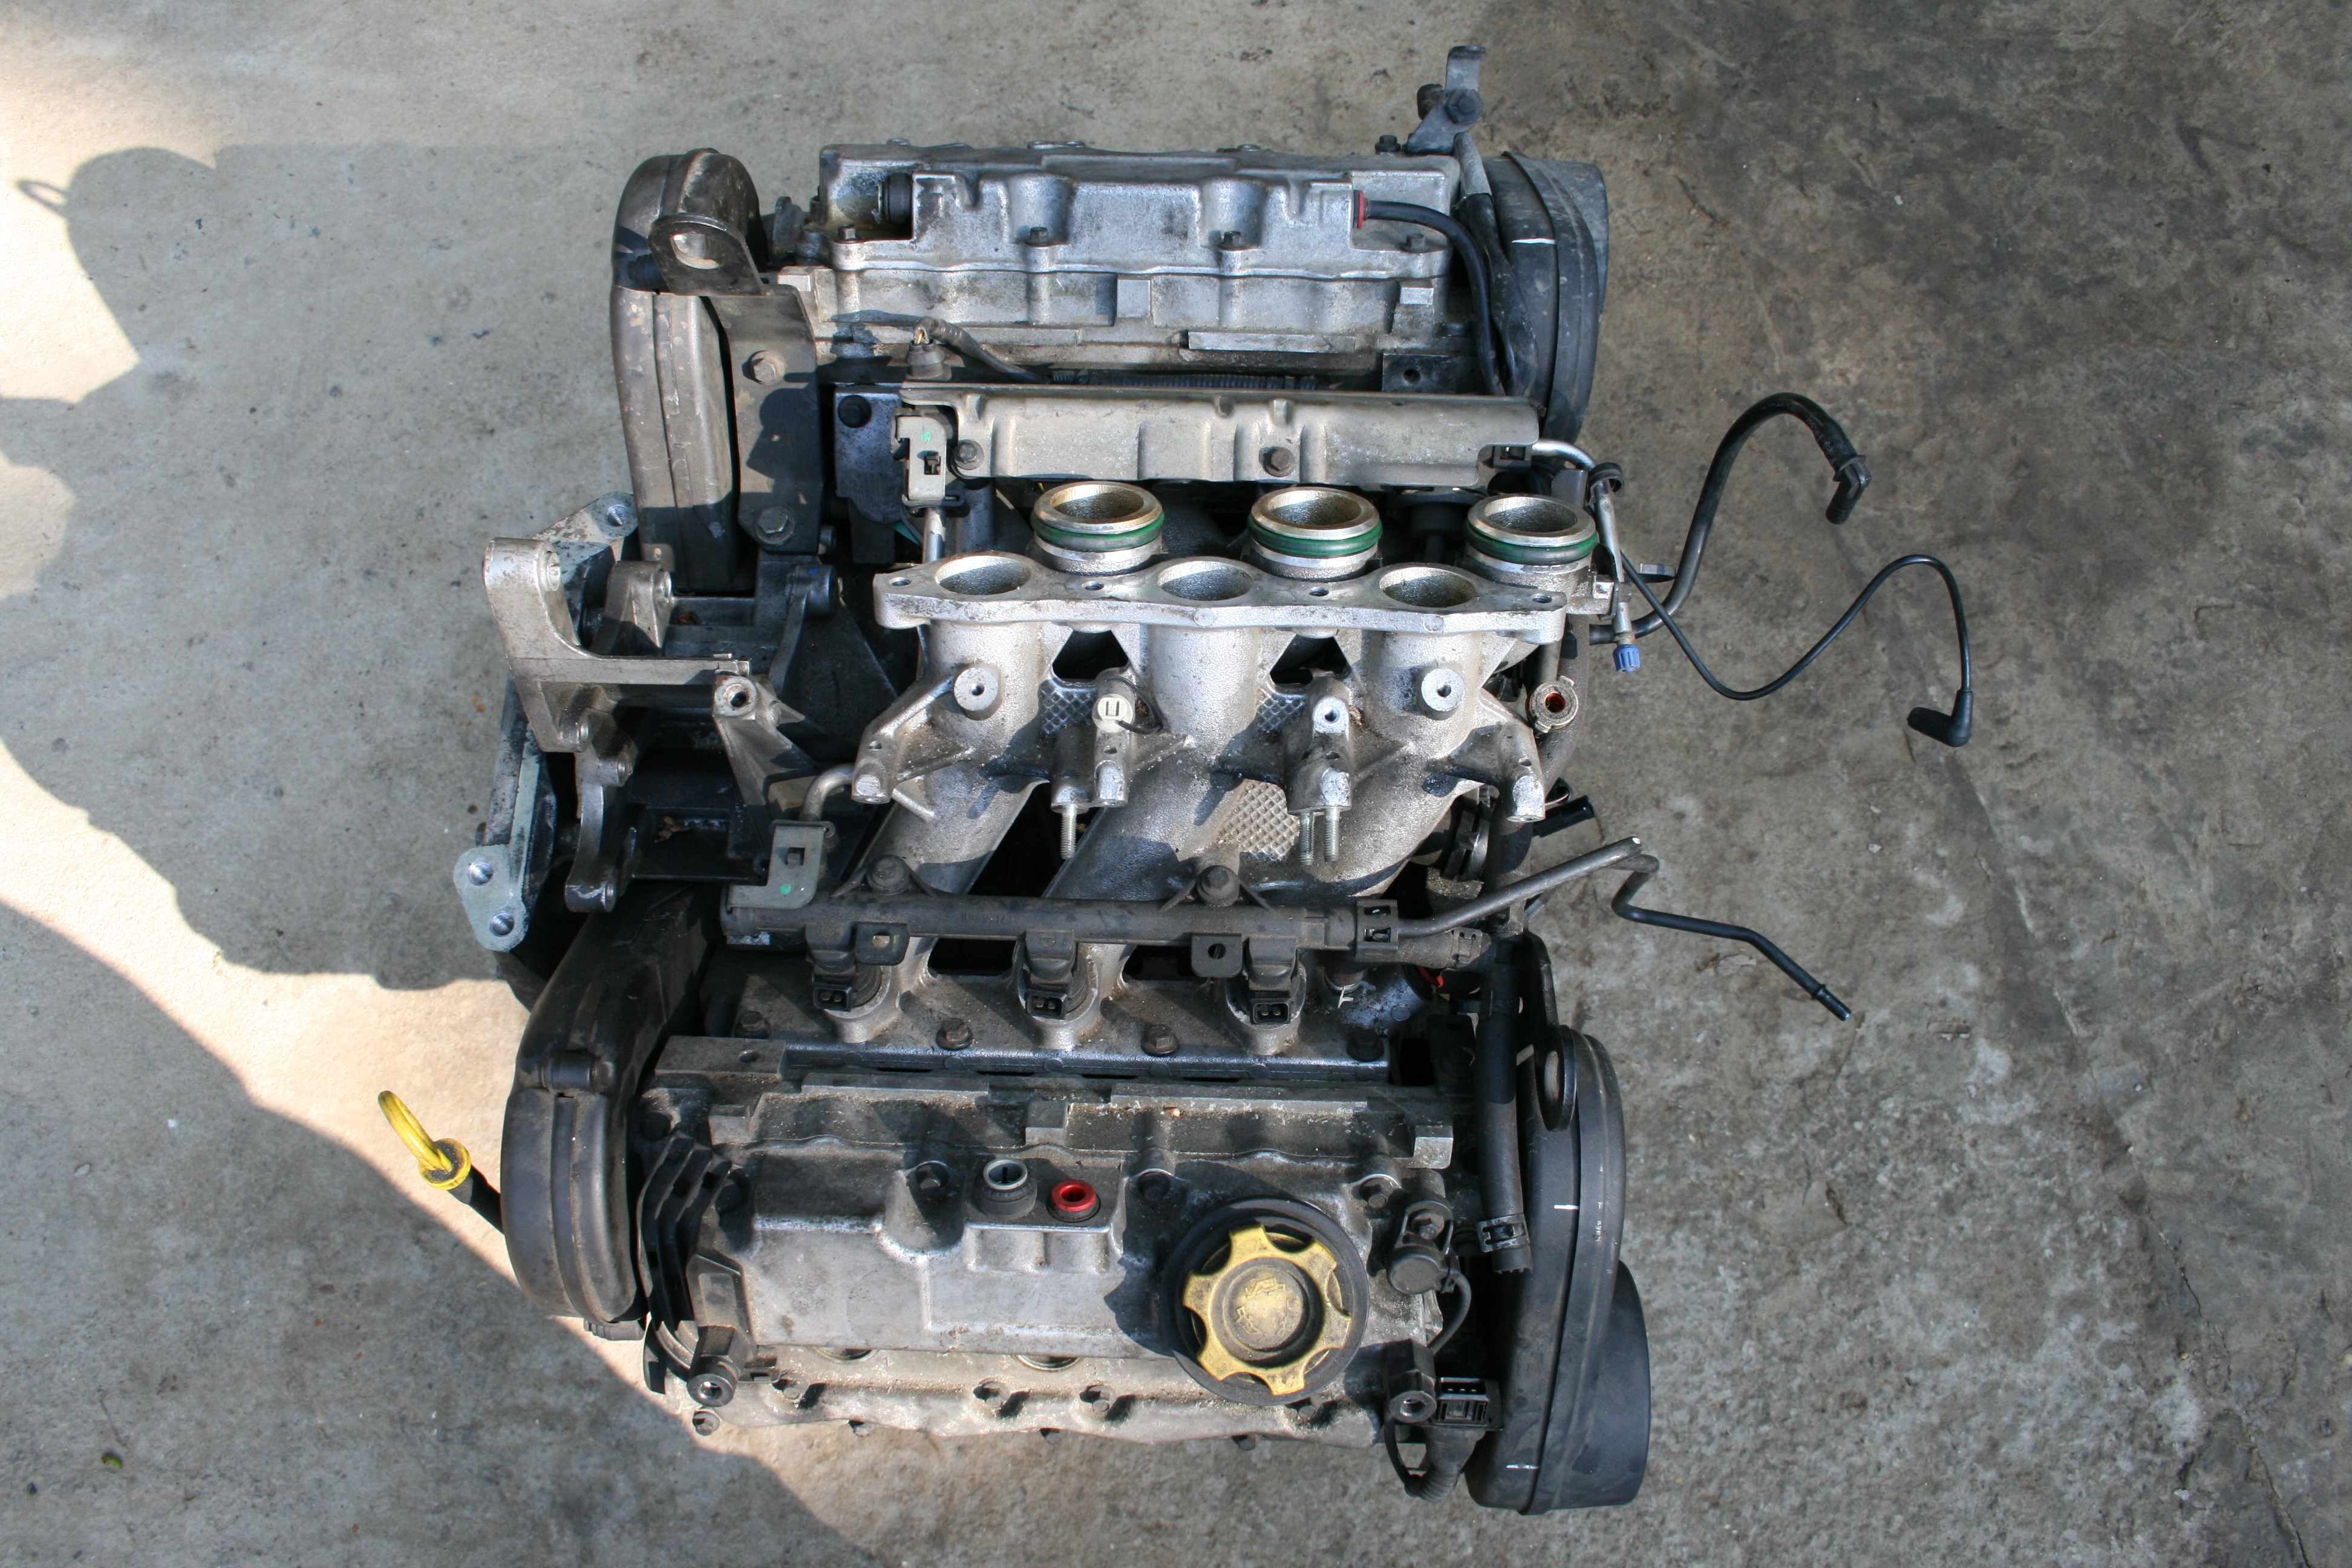 2002 Land Rover Freelander Engine Diagram Freelander 2 5 Litres V6 Plete Used Engine Freelanderspecialist Of 2002 Land Rover Freelander Engine Diagram